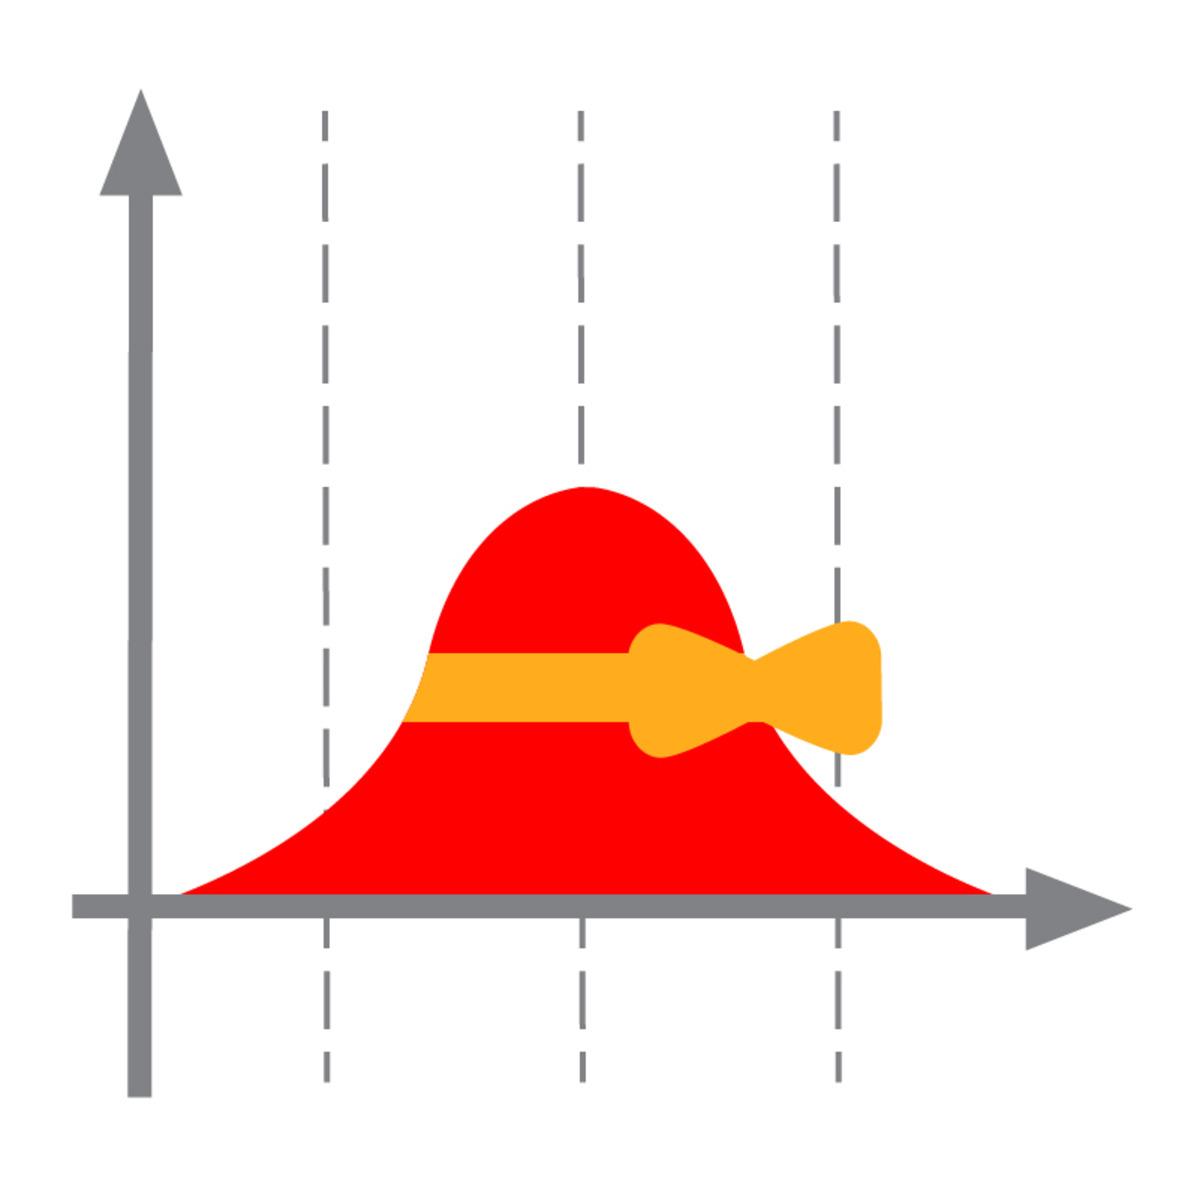 Построение выводов по данным course image